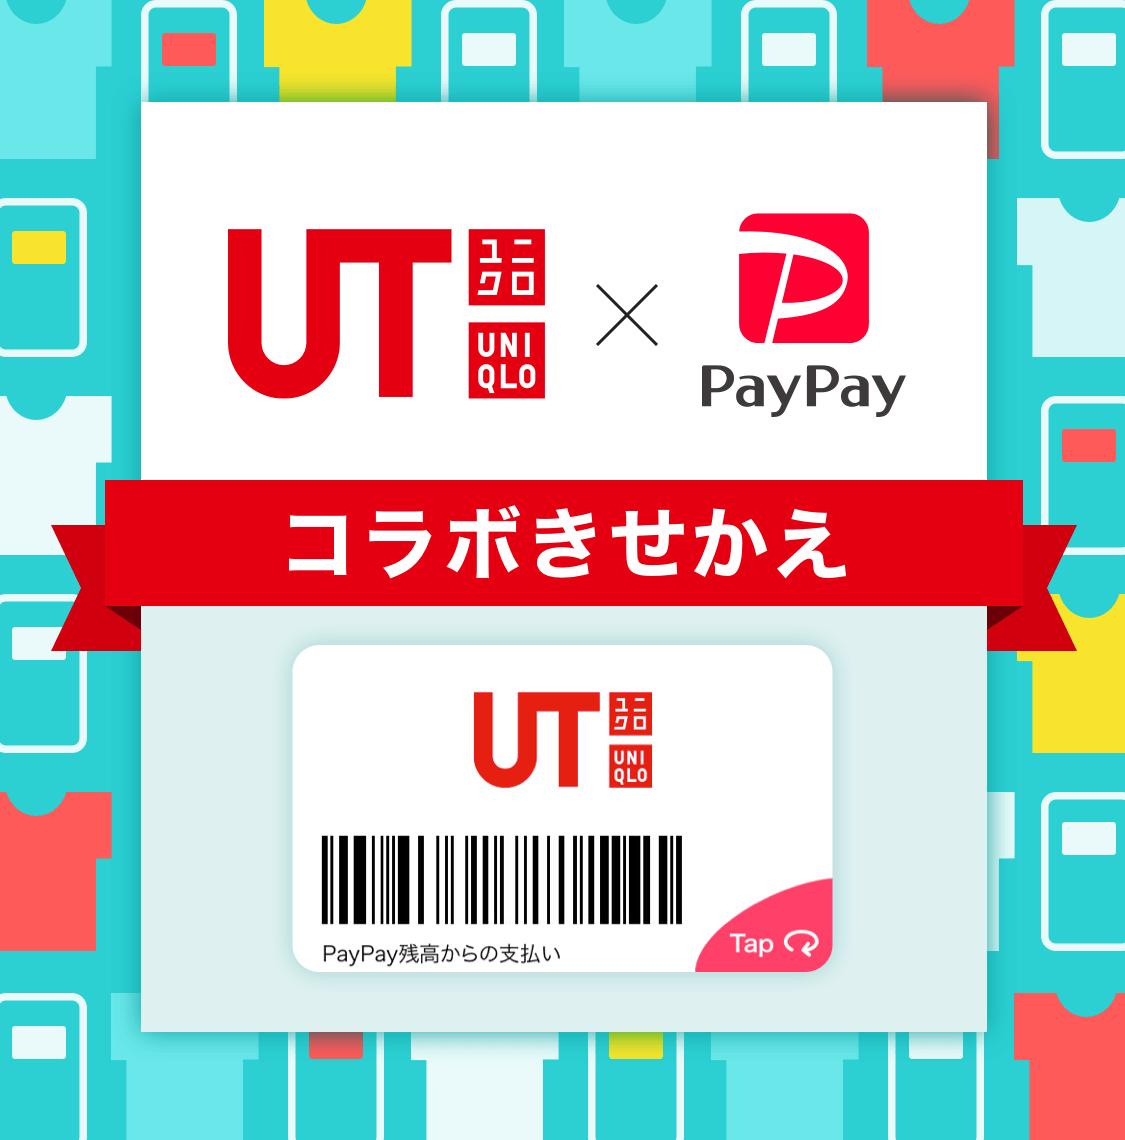 UT PayPay コラボきせかえ